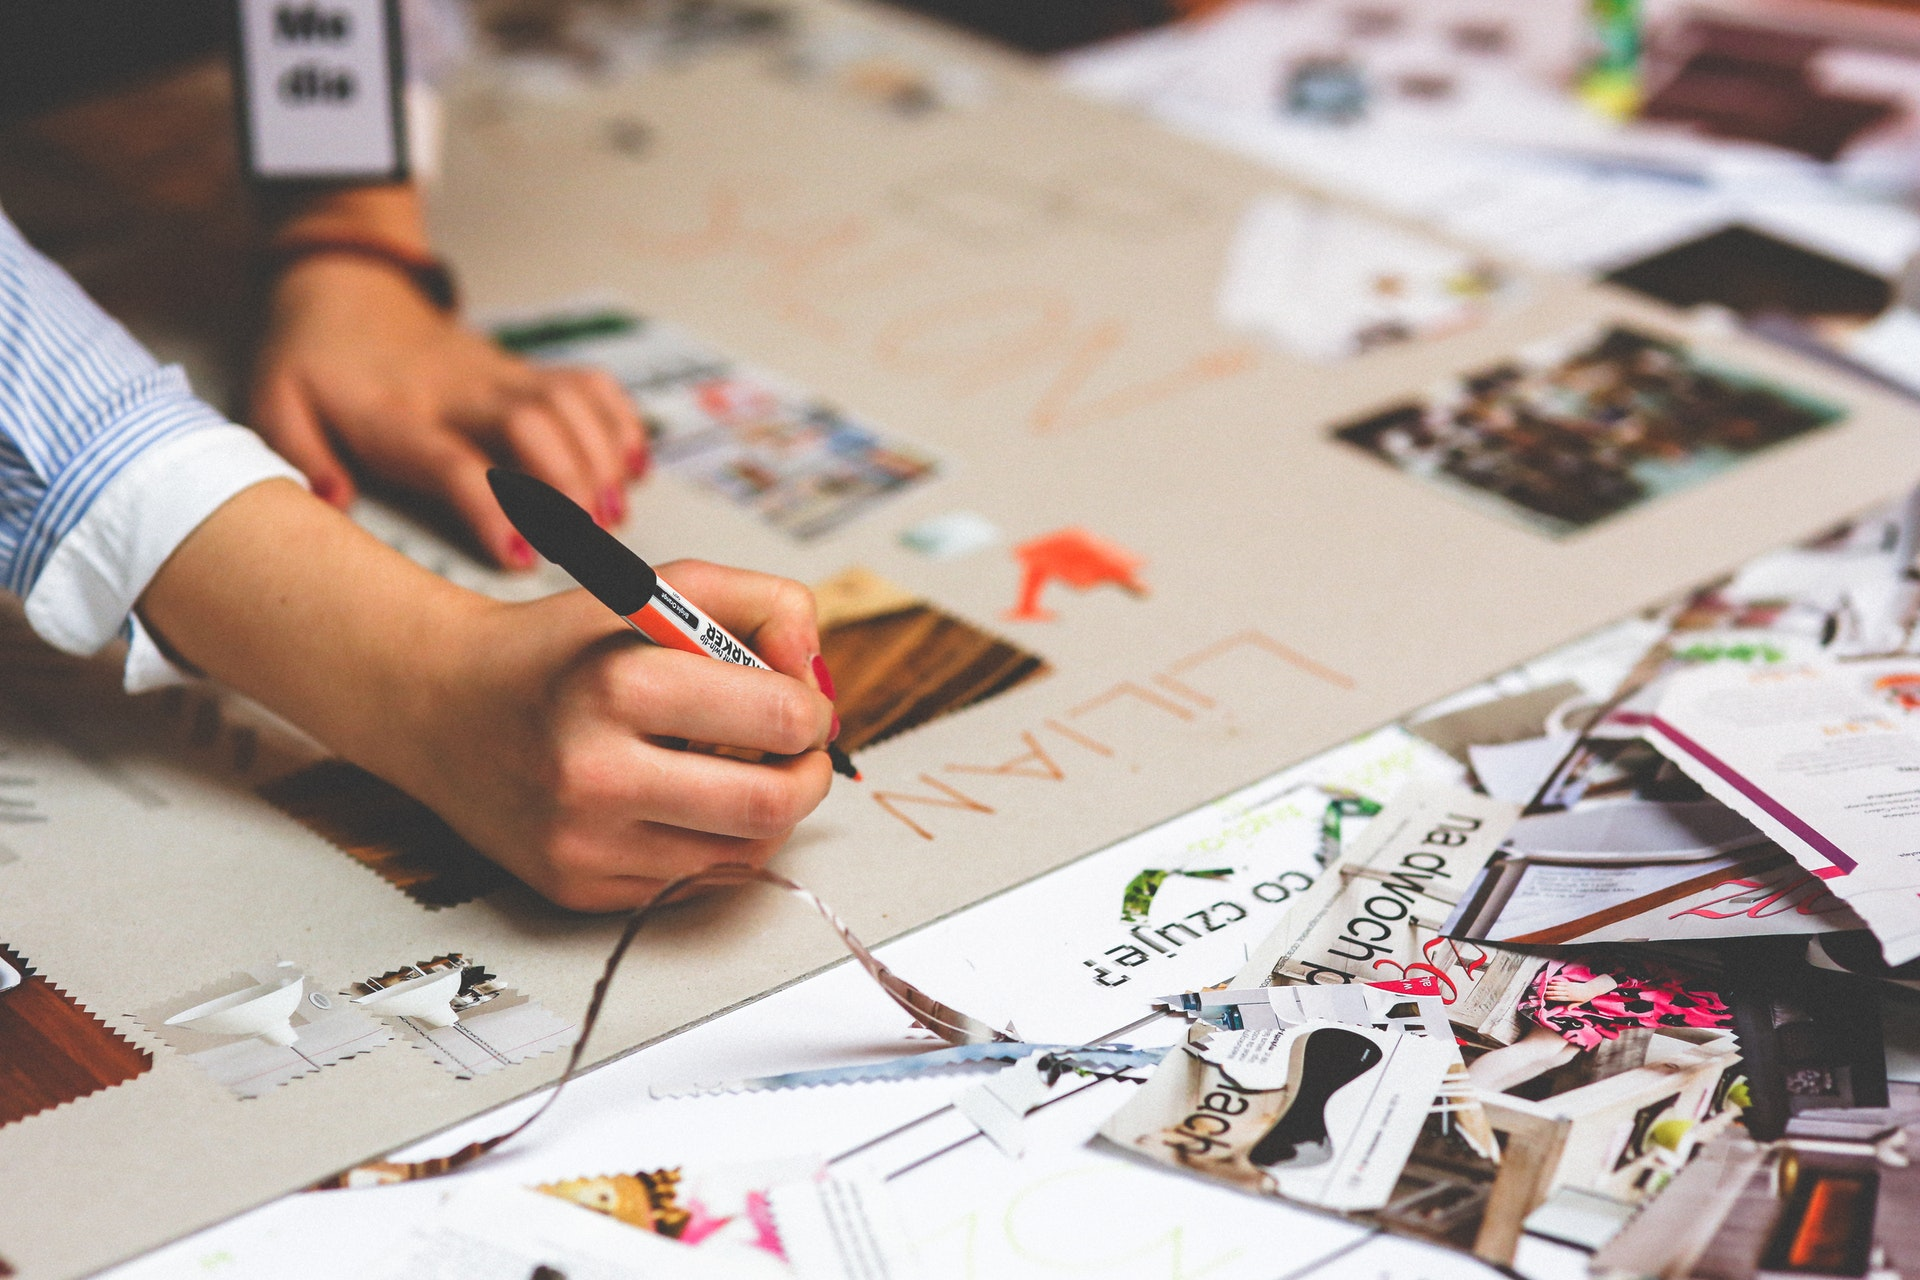 Beoordelen van creatief denken: hoe?